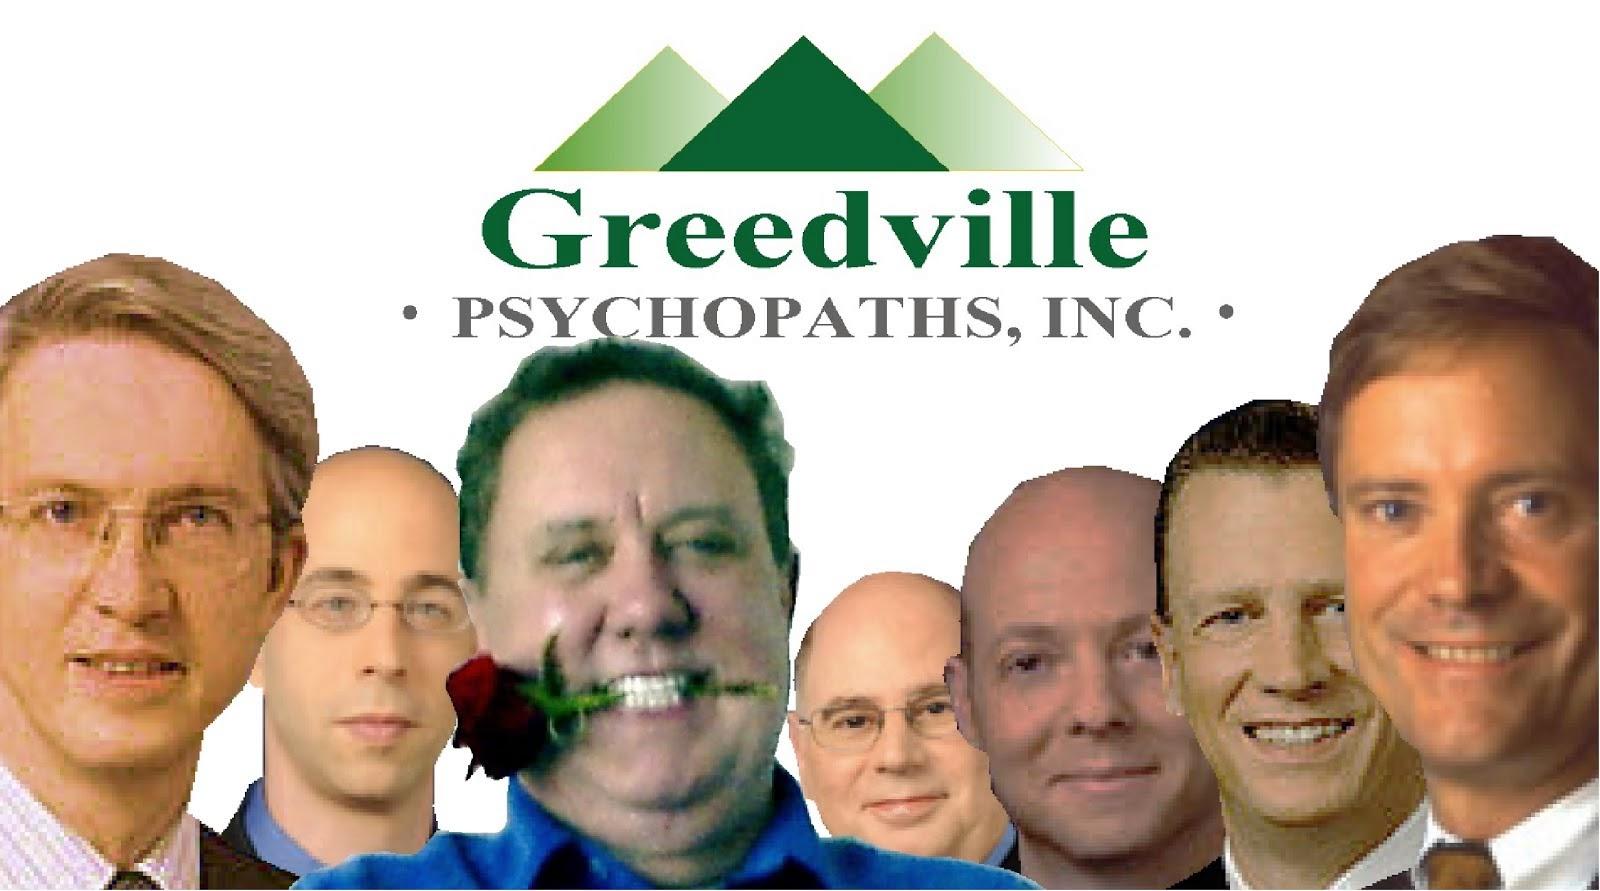 Greedville